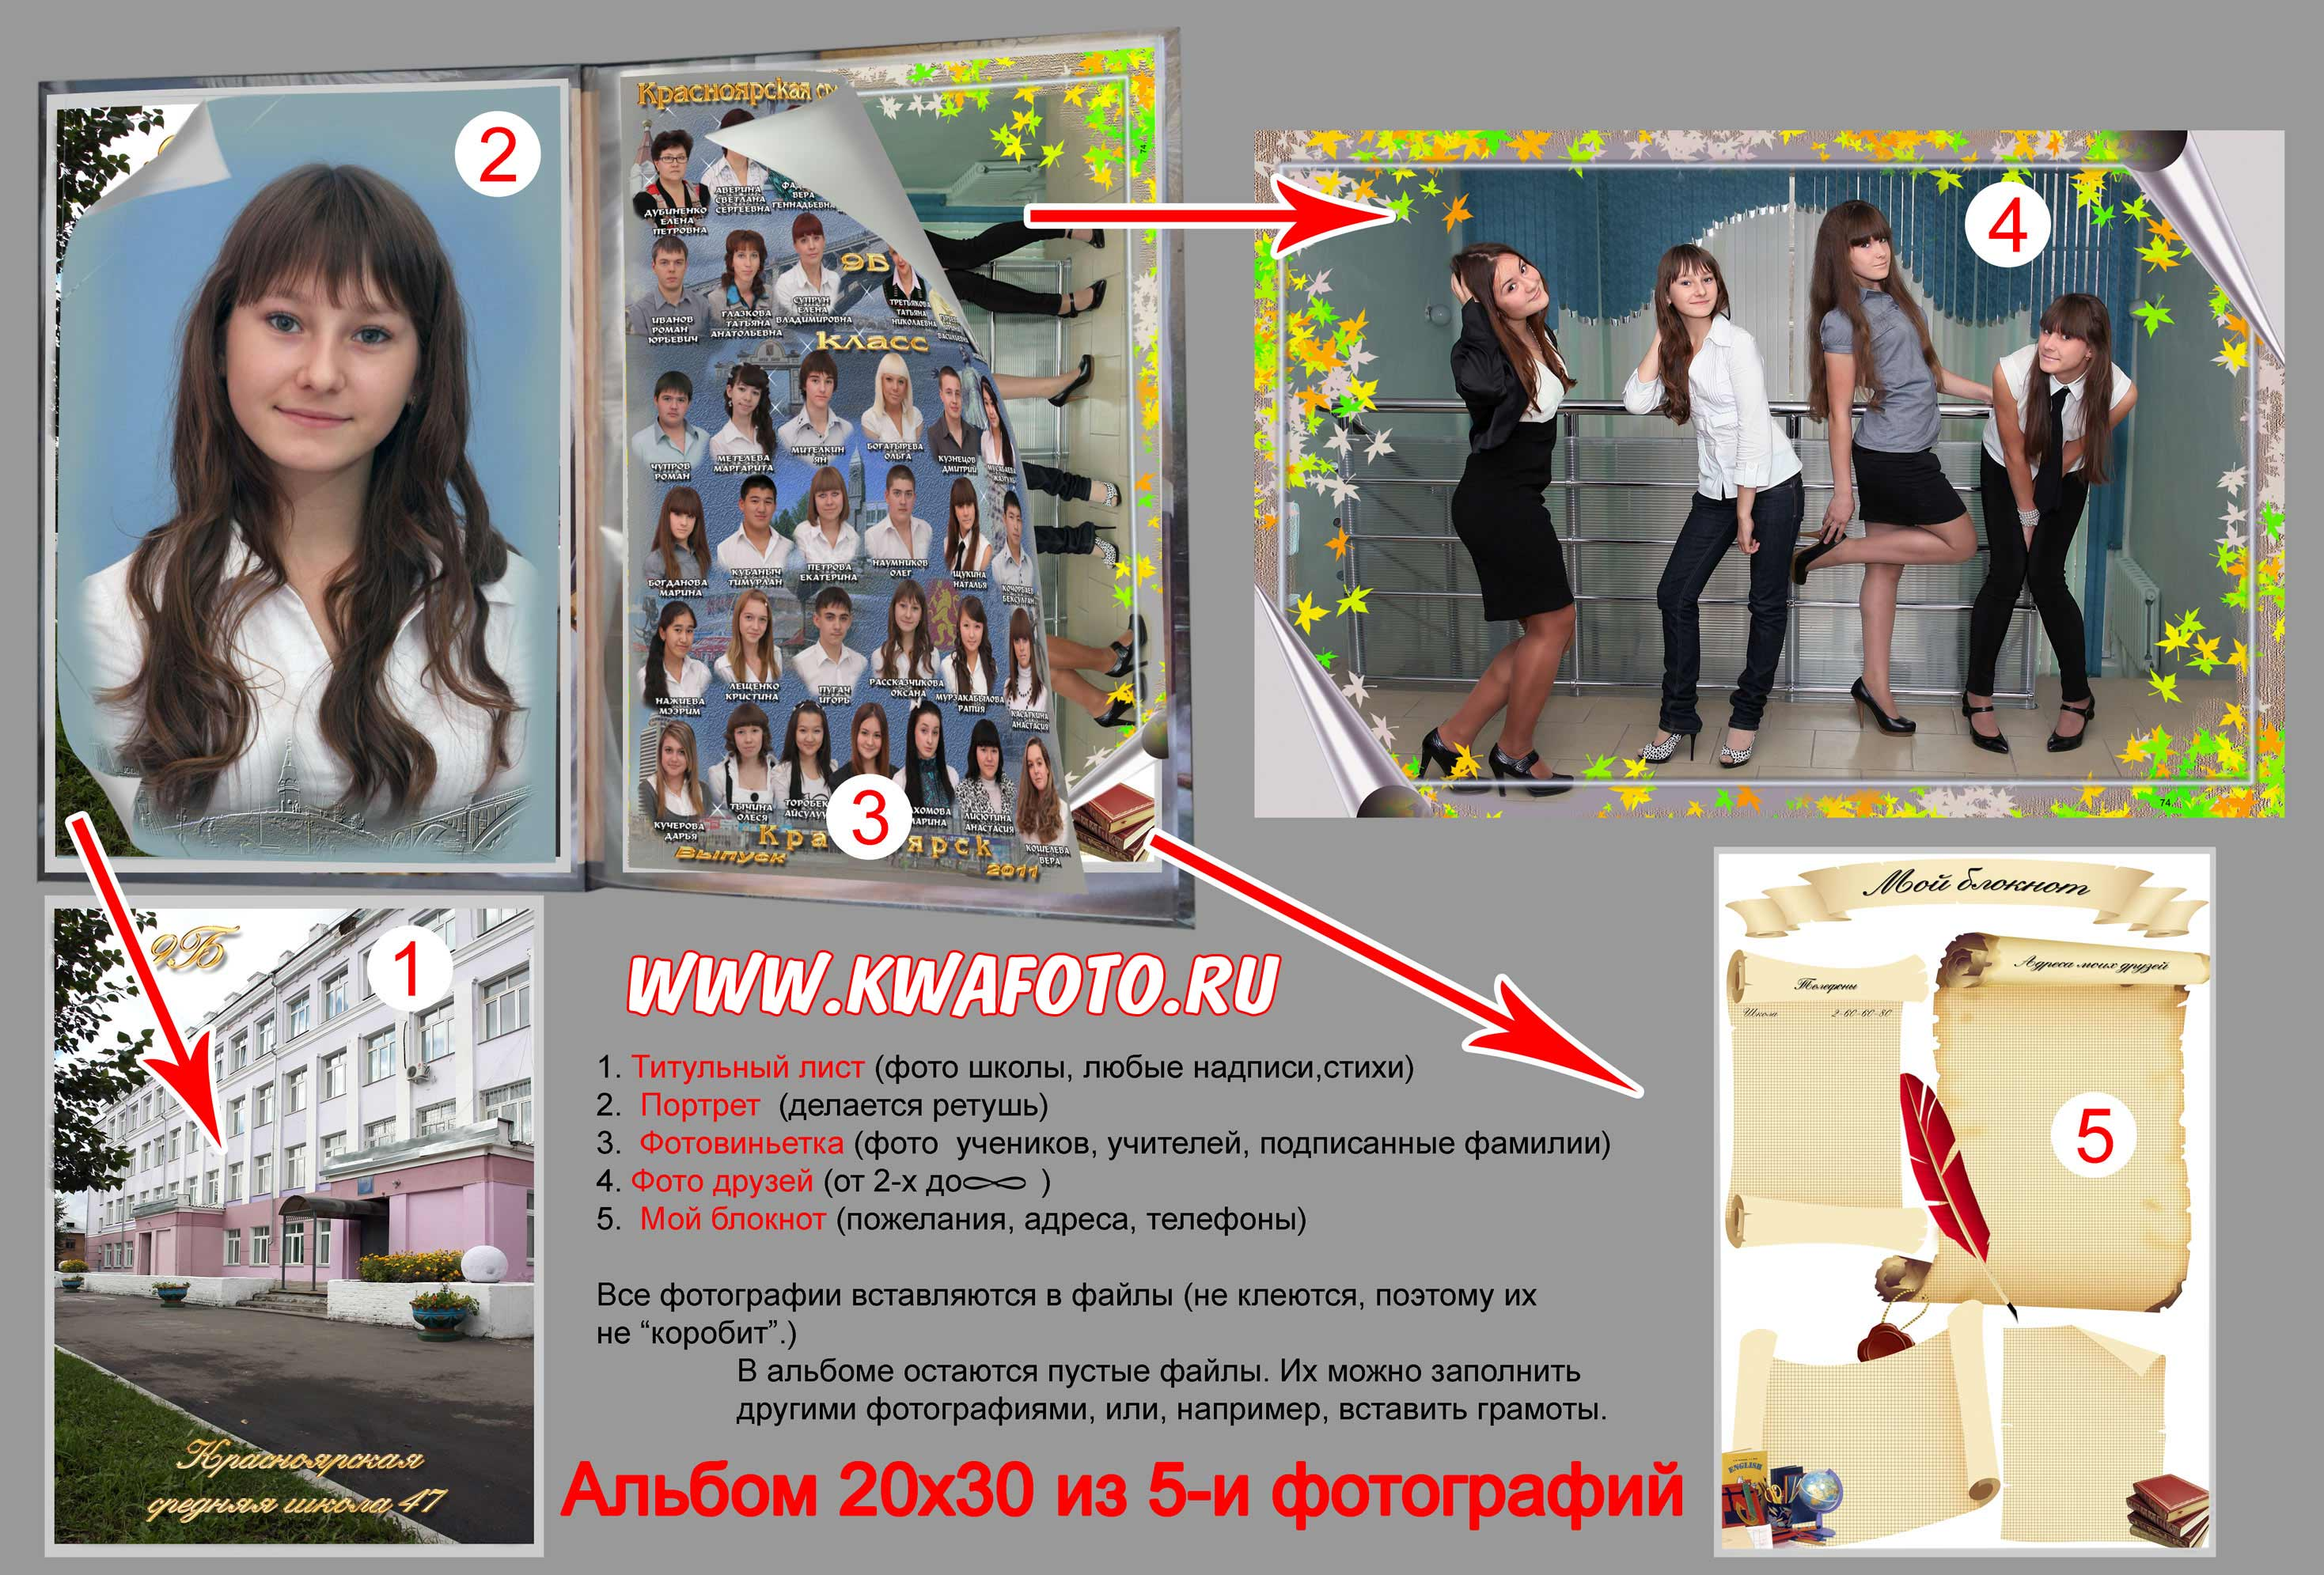 выпускной фотоальбом 5 фото 20х30,средняя школа №47